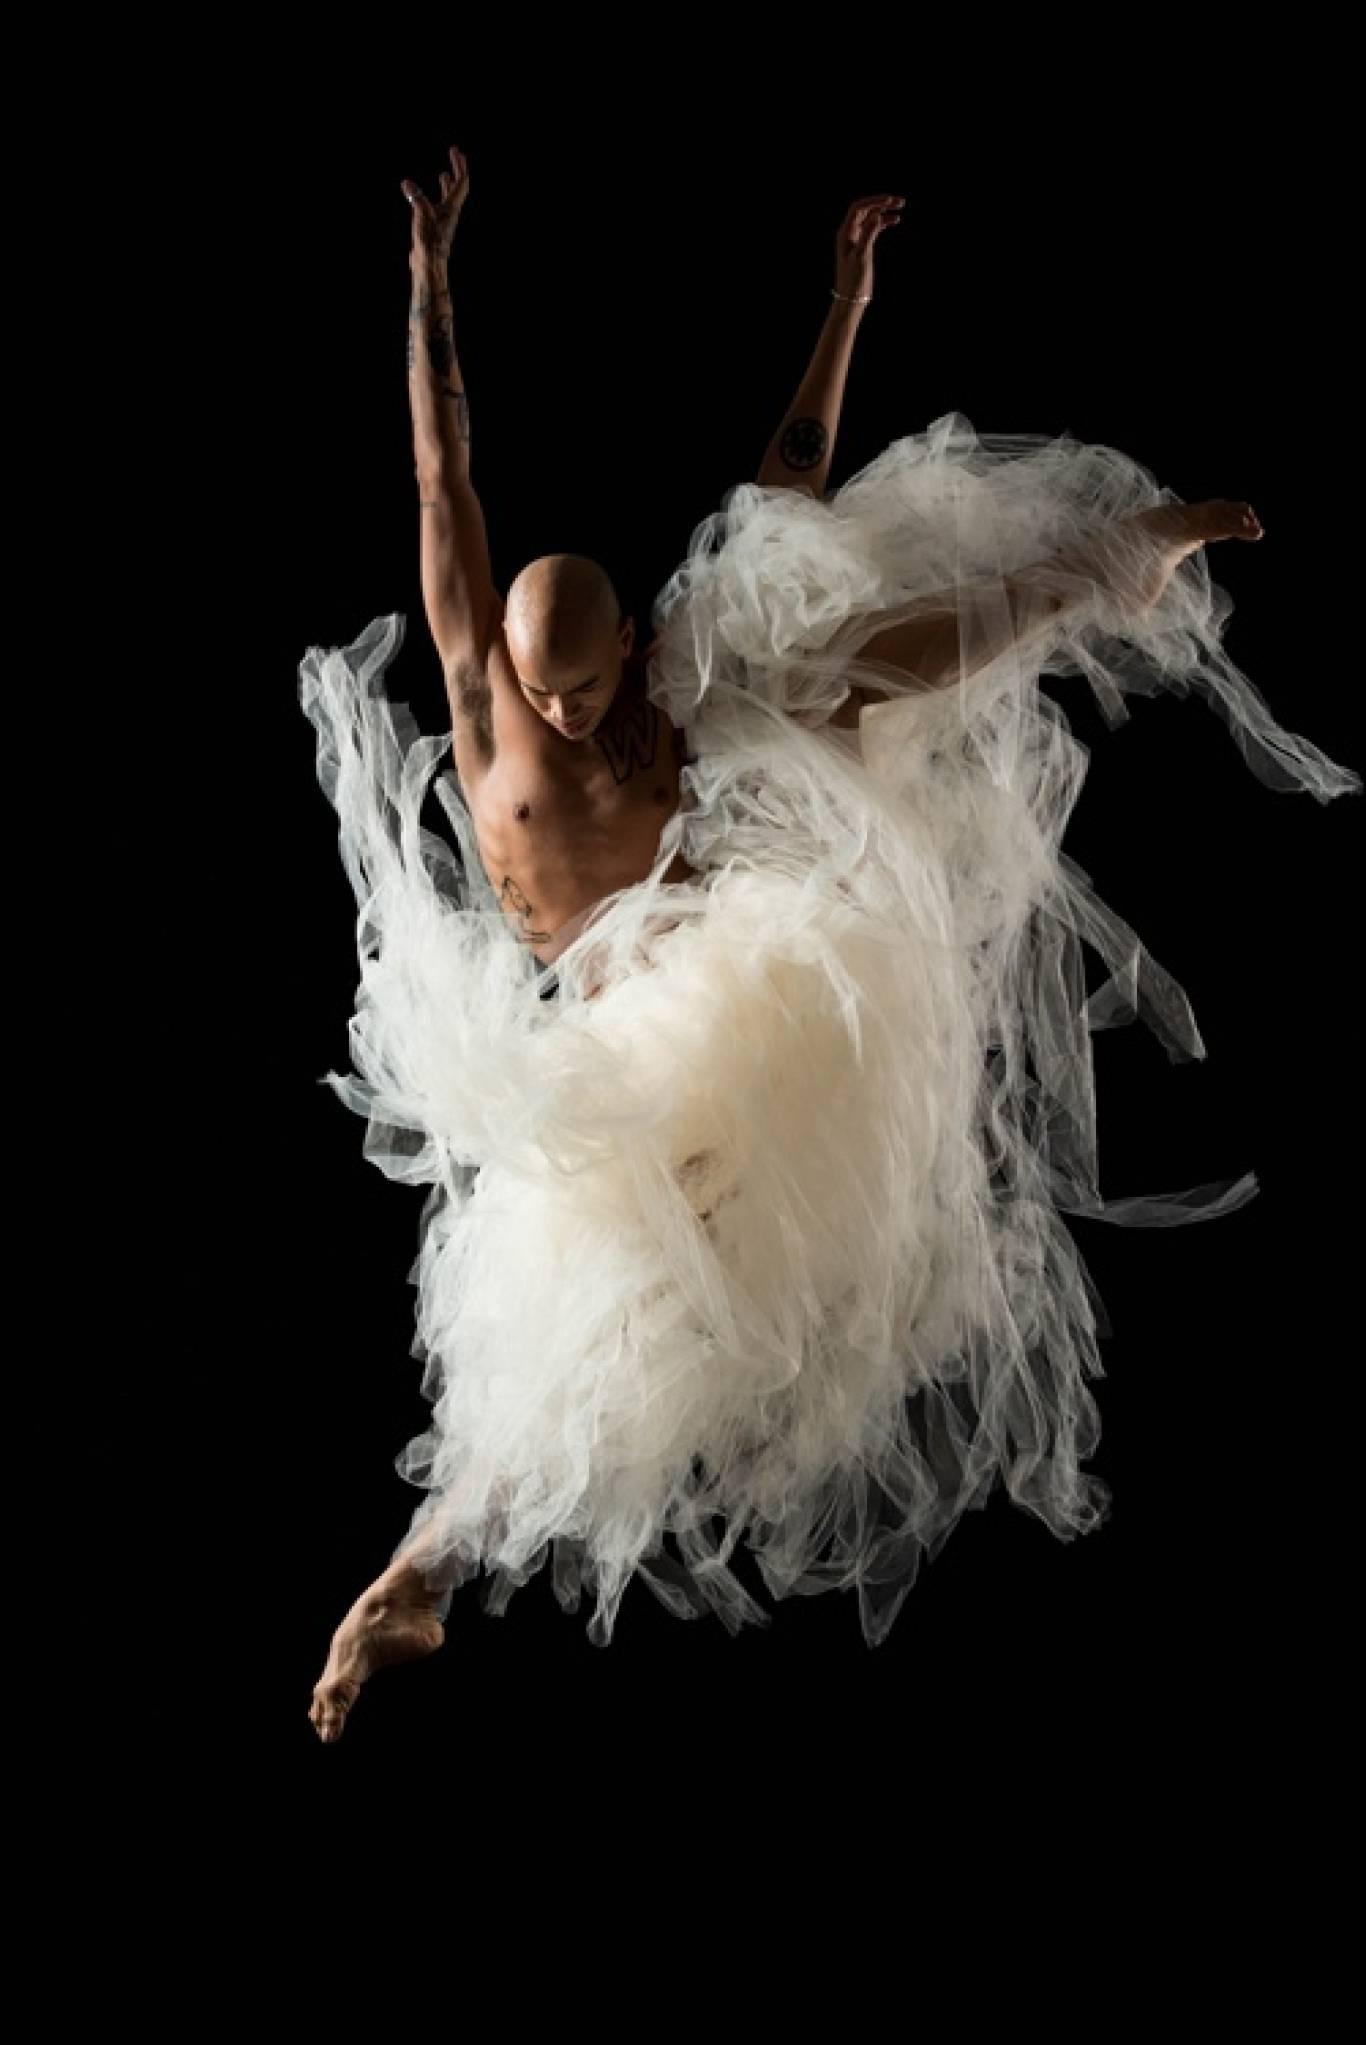 Шоу культовой американской труппы Complexions Contemporary Ballet